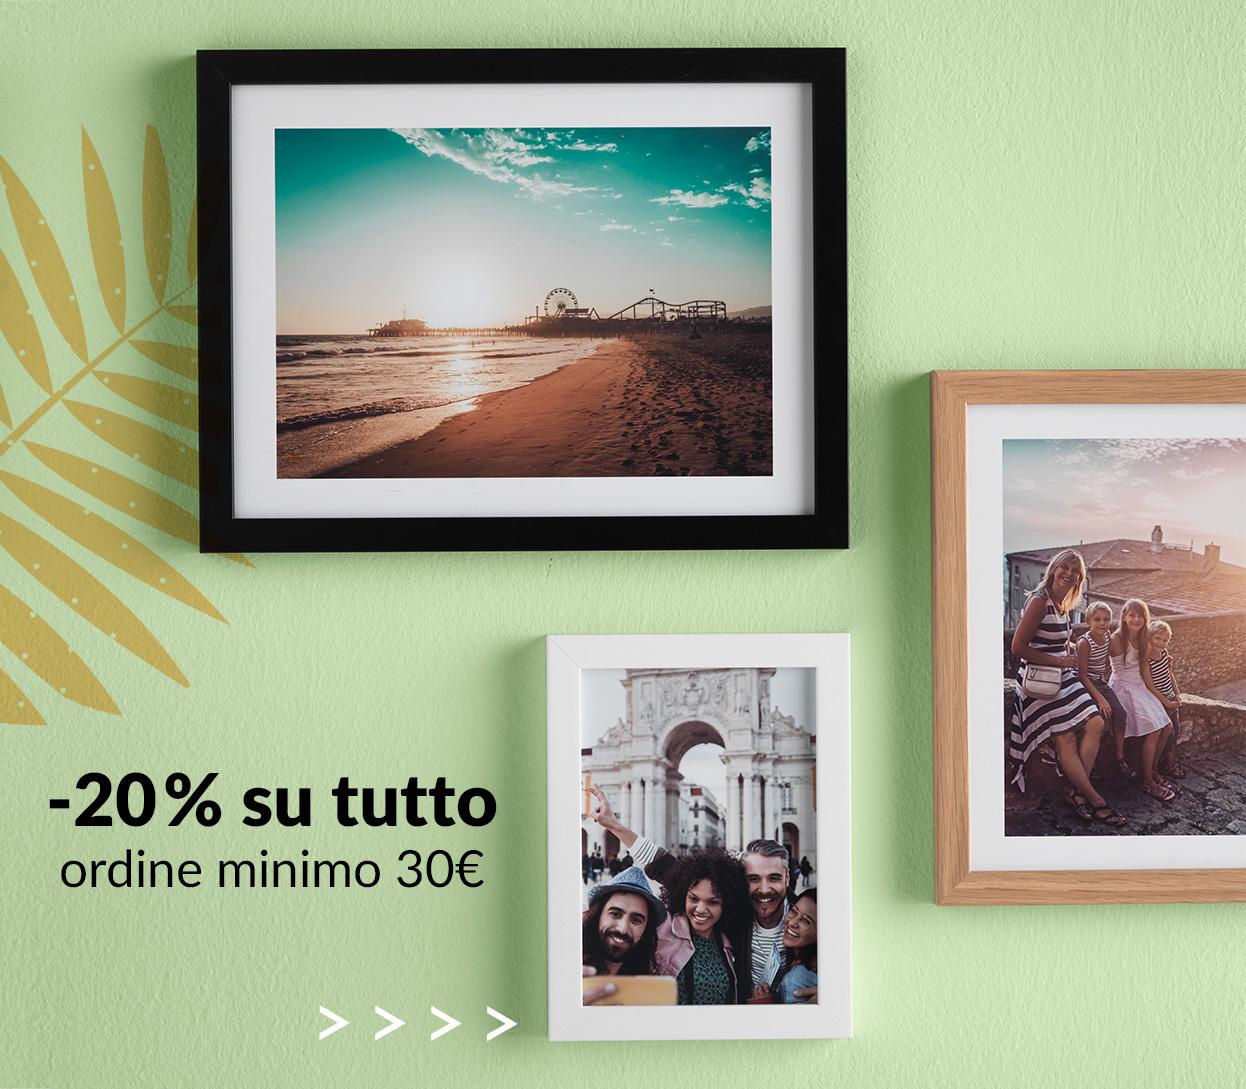 -20% su tutto (ordine minimo 30€)